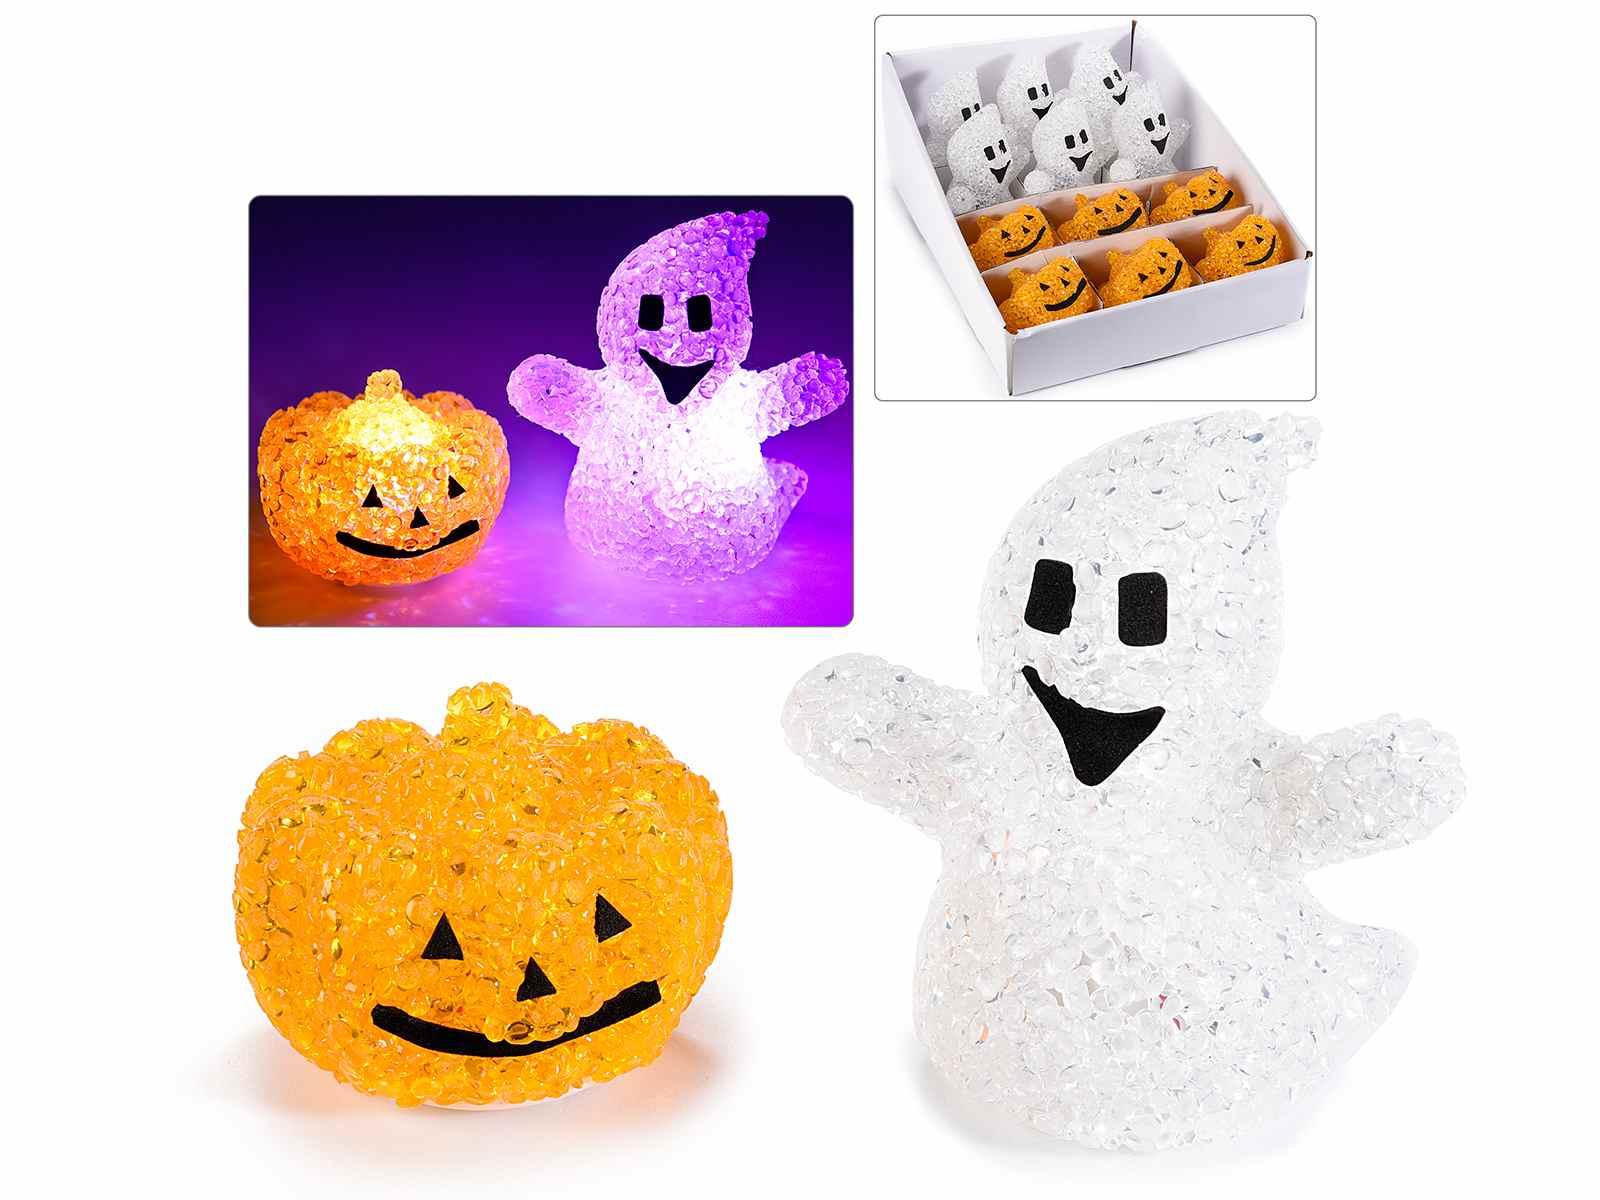 Halloween Deko Mit Licht Im Display Mit 12 Stck 54 38 08 Art From Italy